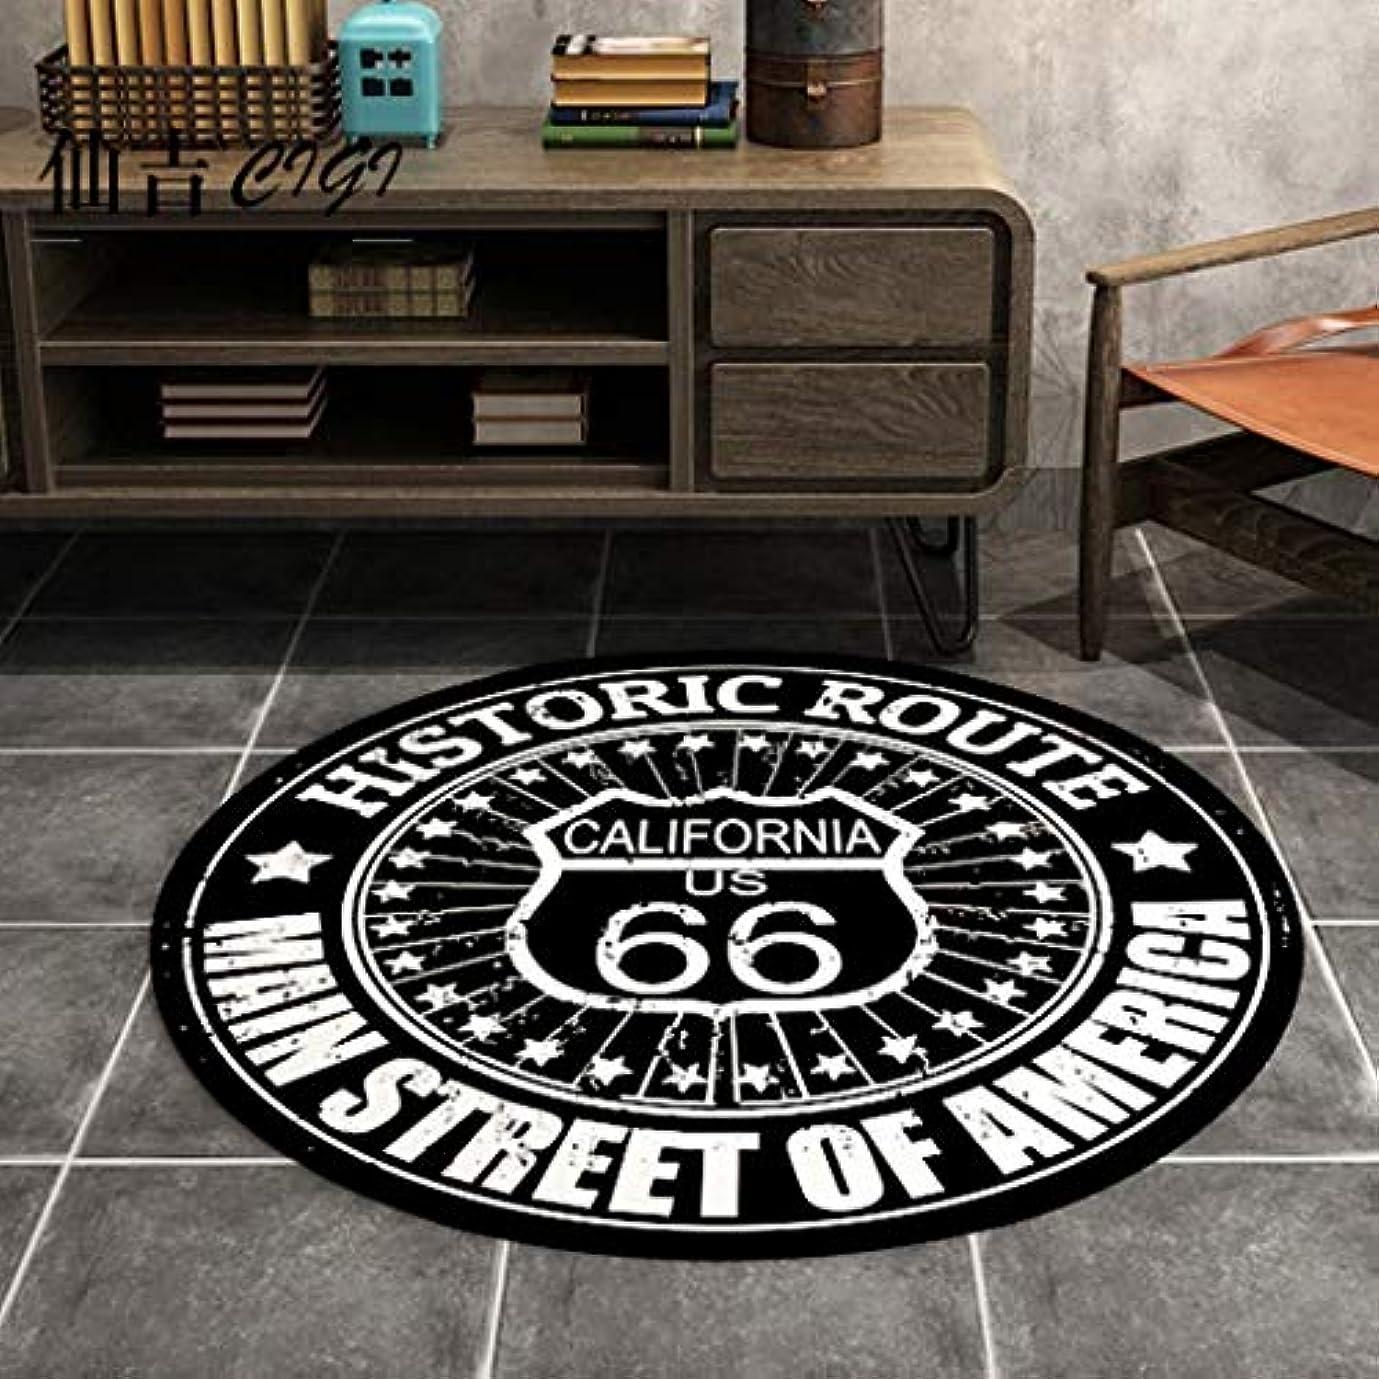 リム長老待ってカーペットヨーロッパとアメリカ近代的な単純なラウンドカーペットのリビングルームコーヒーテーブルの寝室のデスクコンピュータの椅子人格ラウンドカーペットマット JSFQ